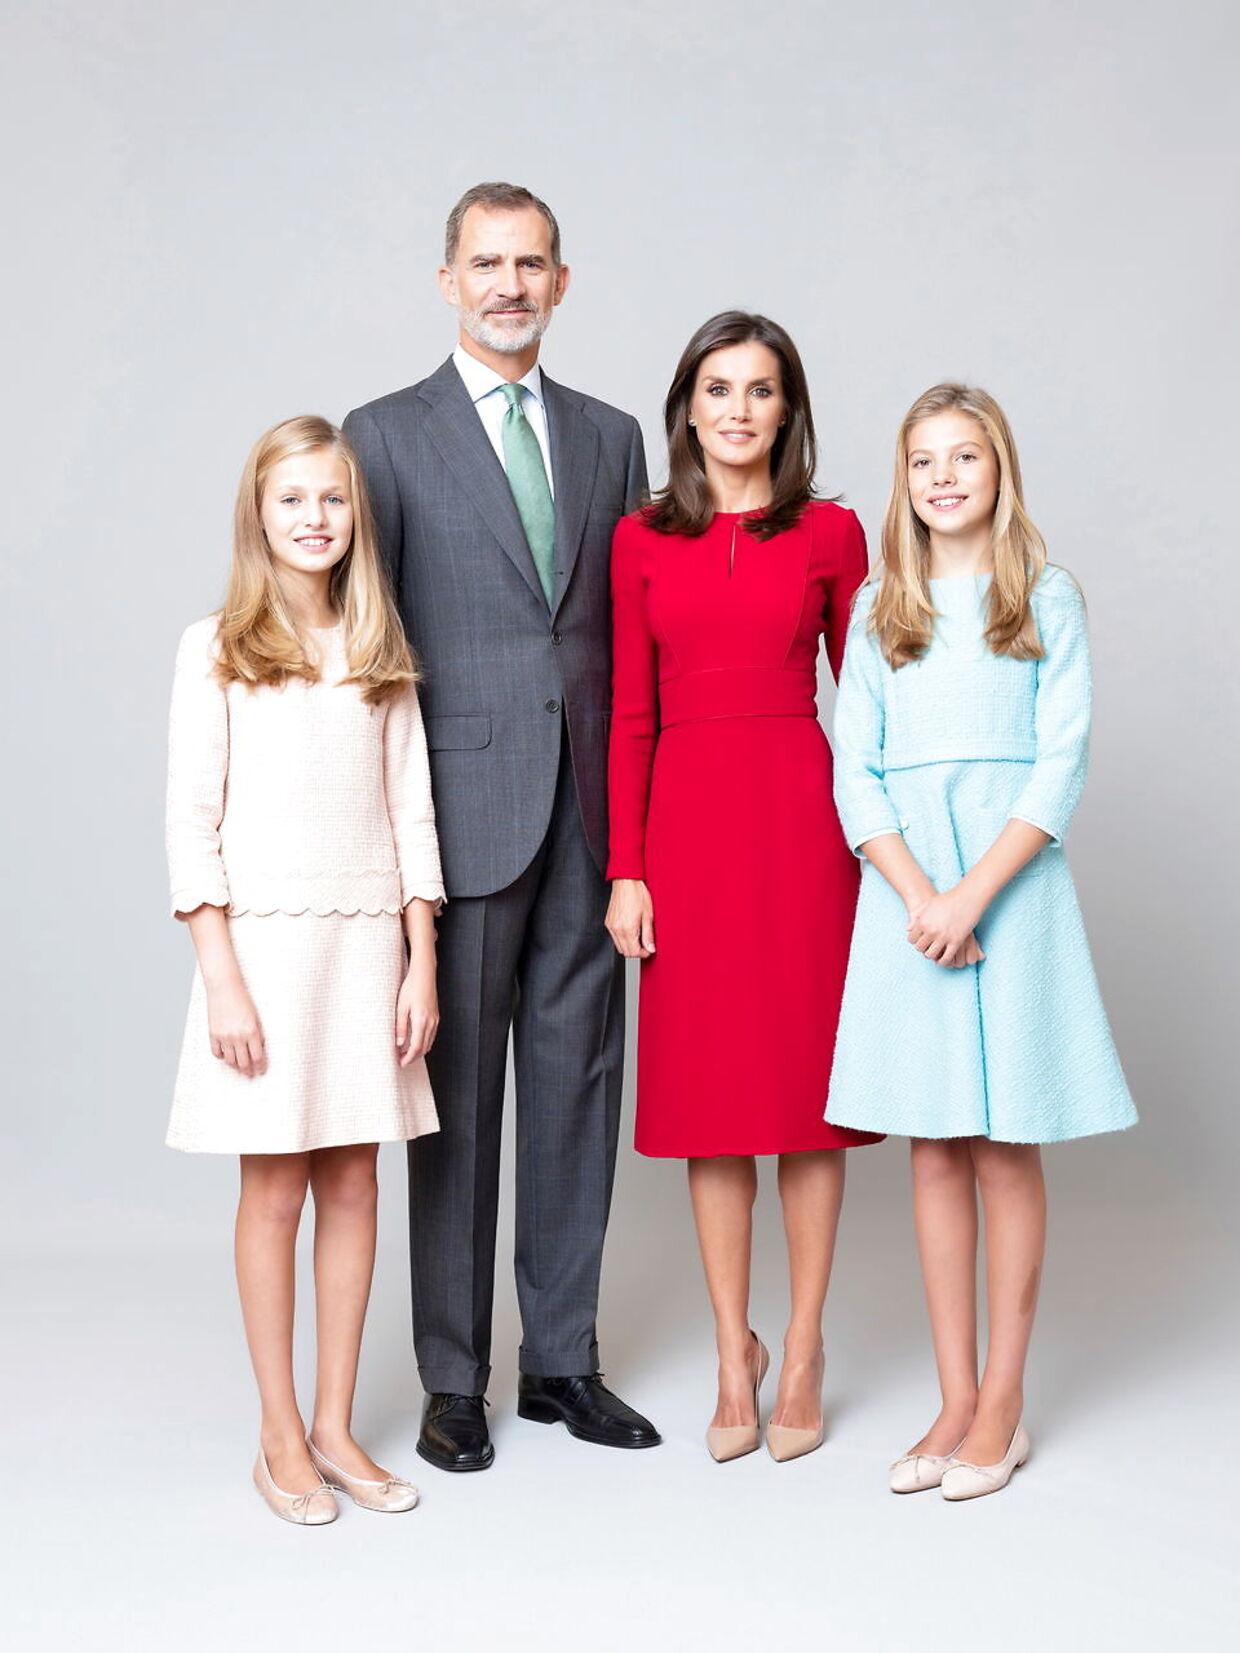 Den spanske kongefamilie med kronprinsesse Leonor ved siden af sin far, kong Felipe VI,mens dronning Letizia står ved siden af datteren prinsesse Sofia.